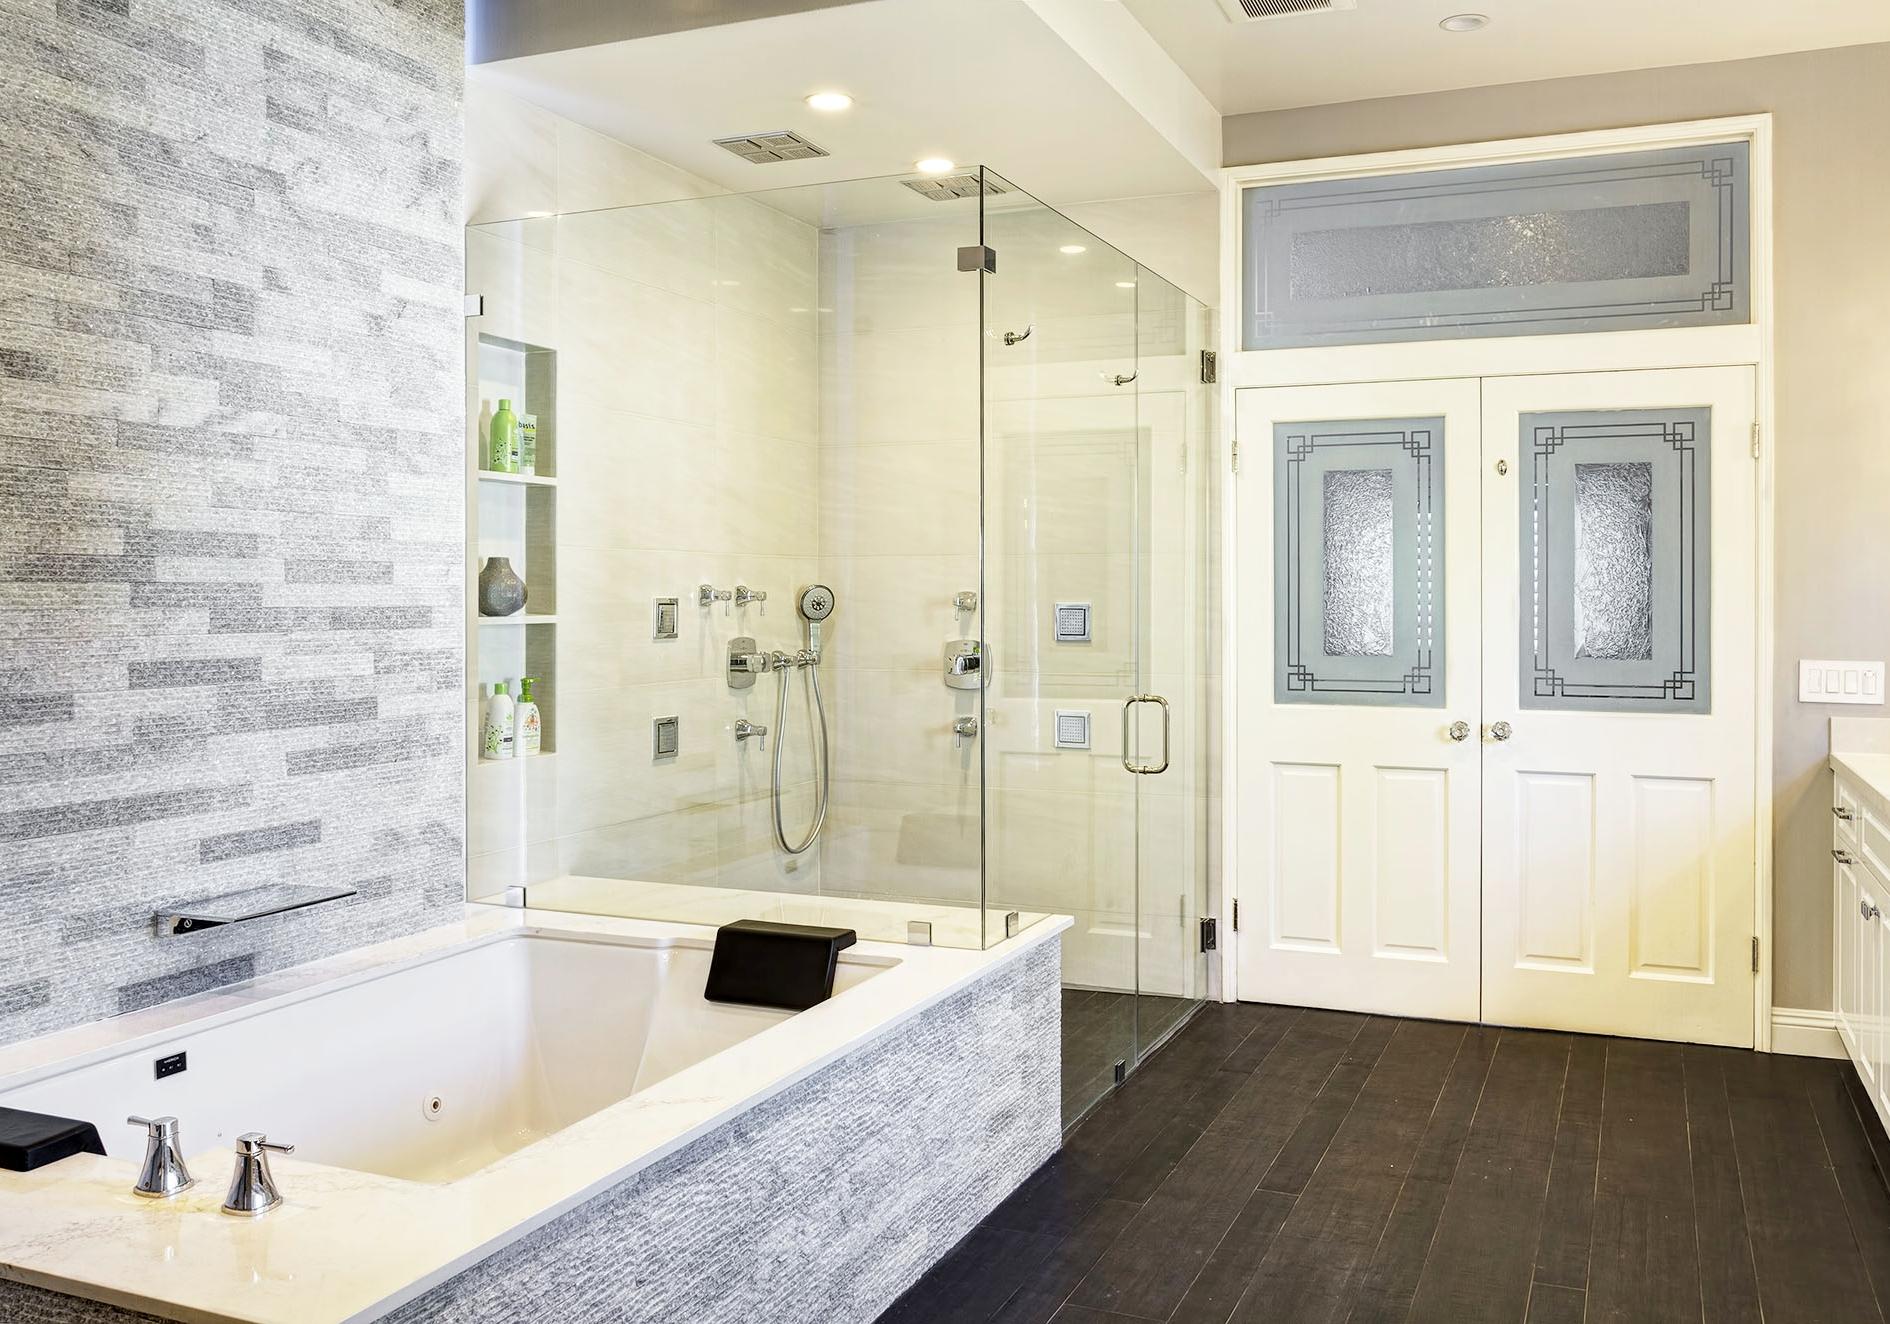 Luxury bathroom remodel hancock park opt jpg